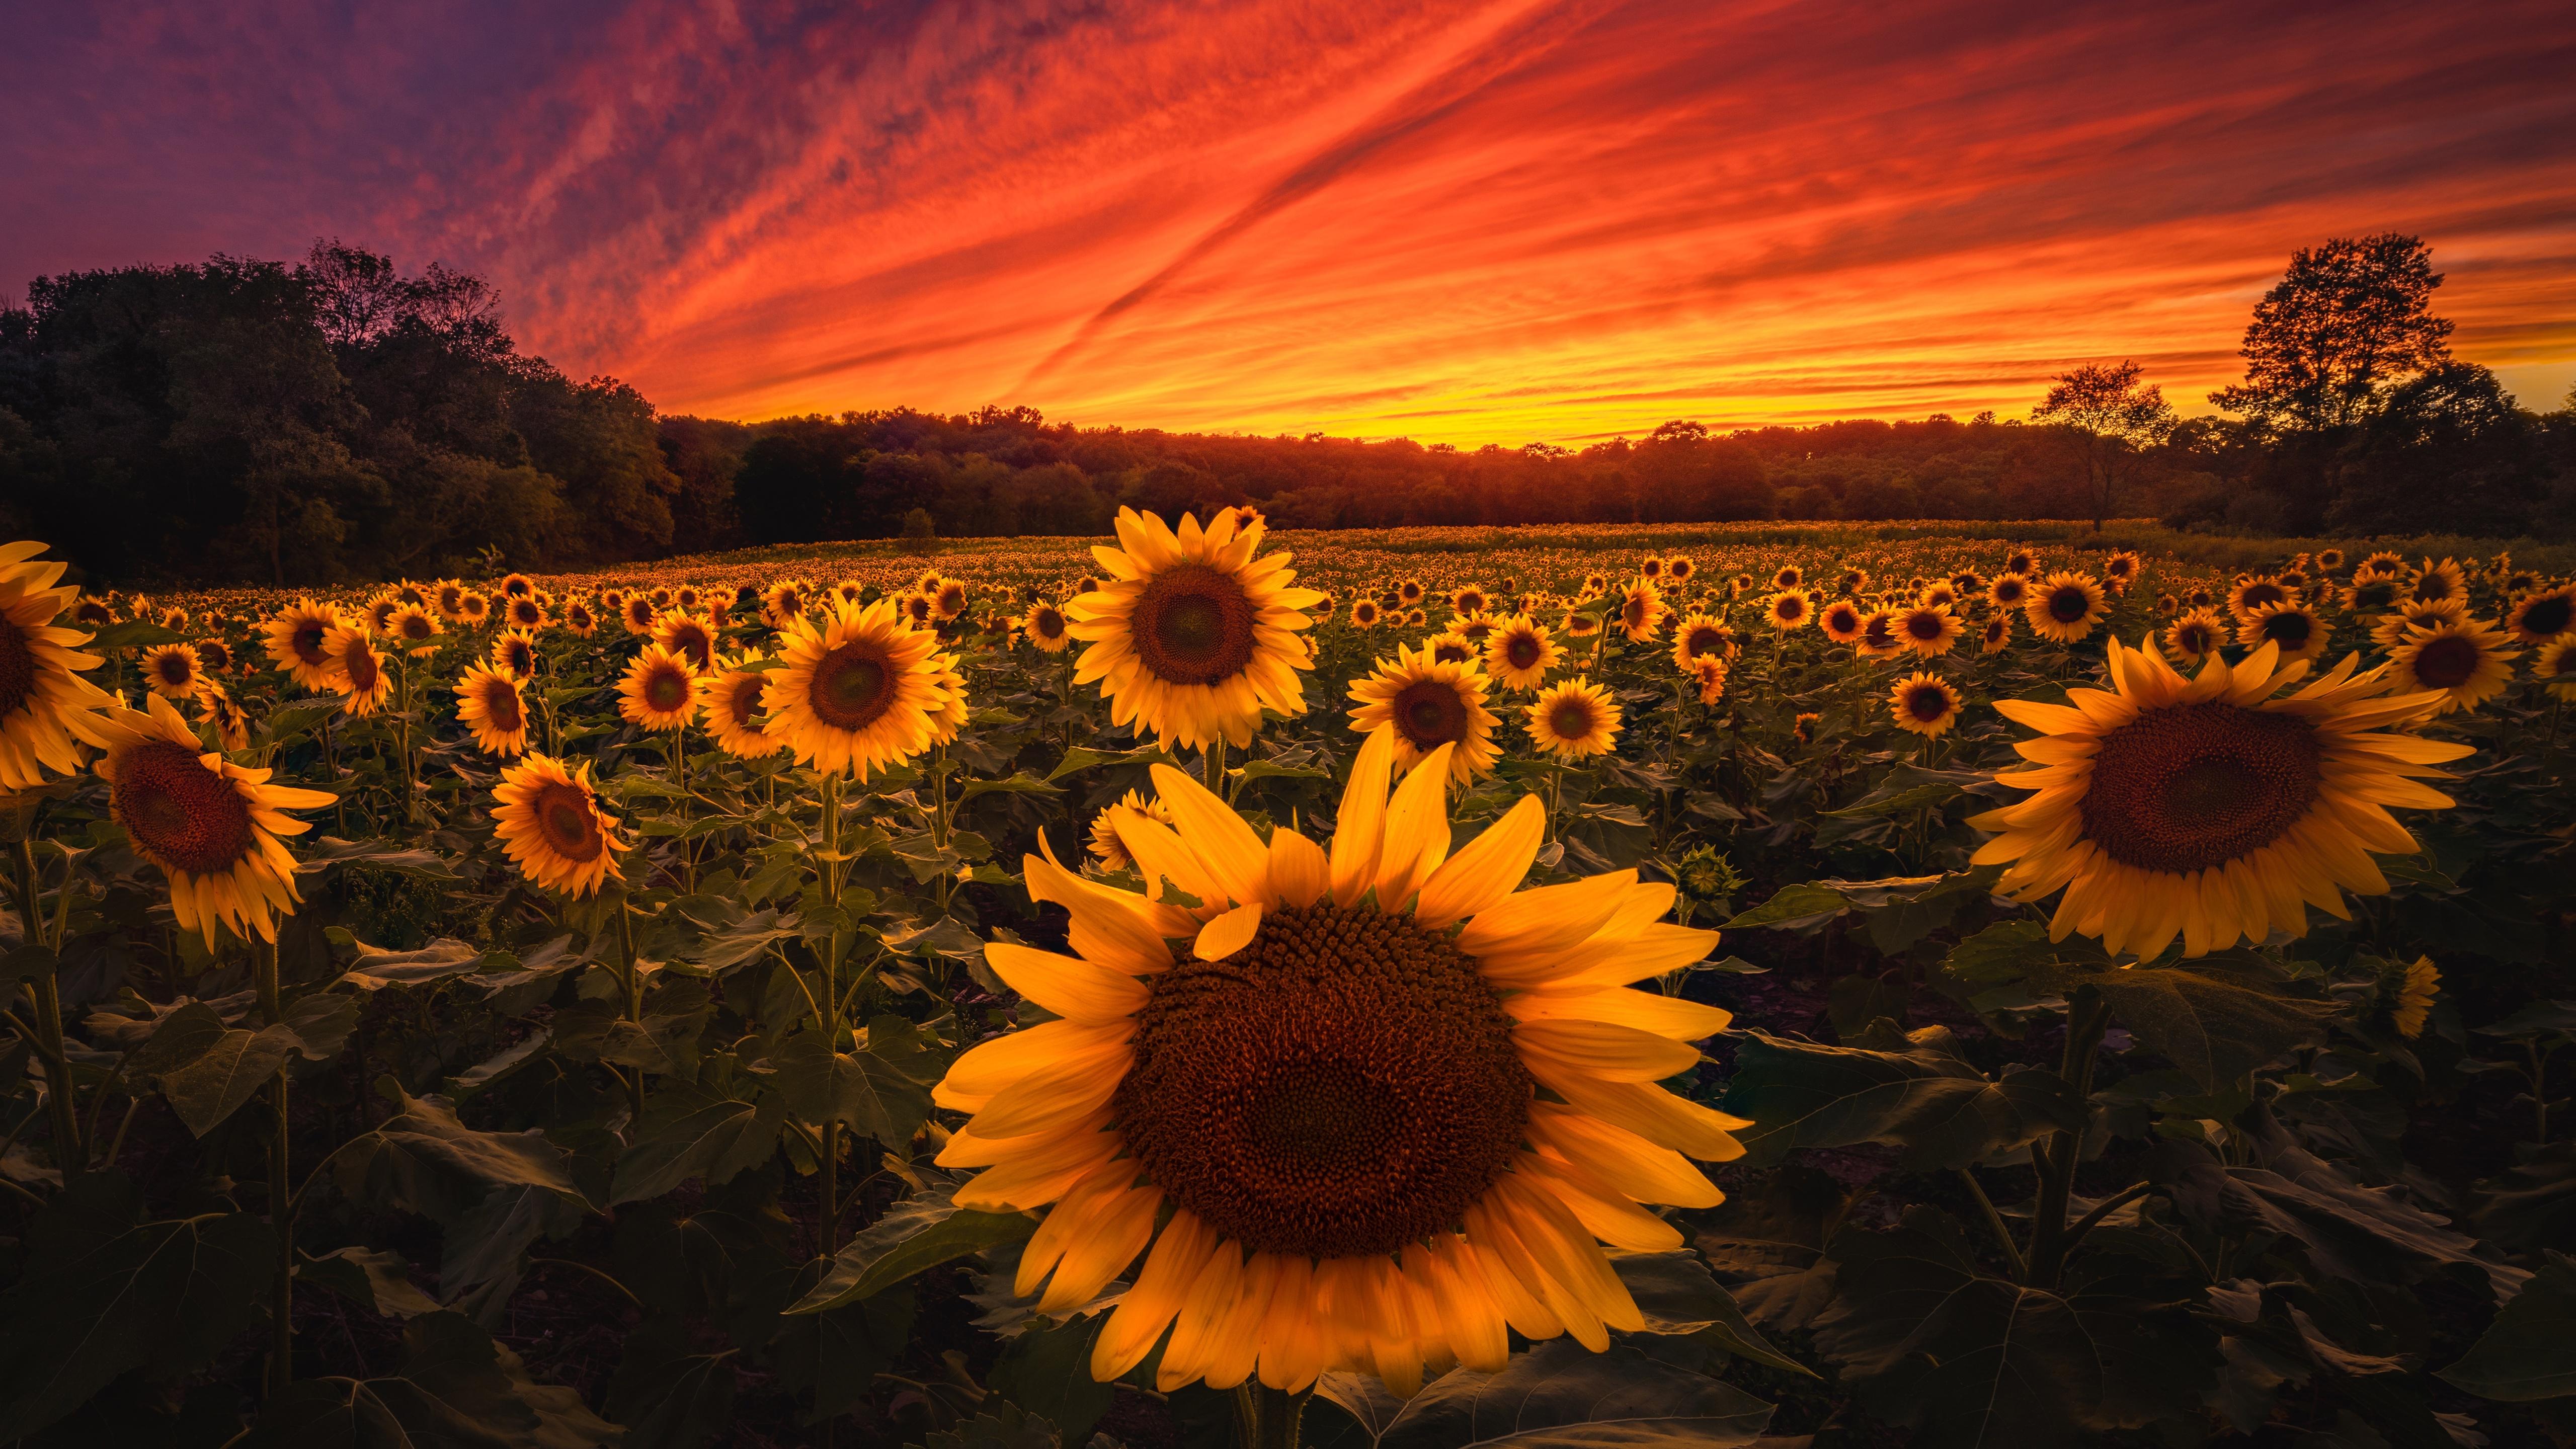 sunflower-field-5k-qs.jpg